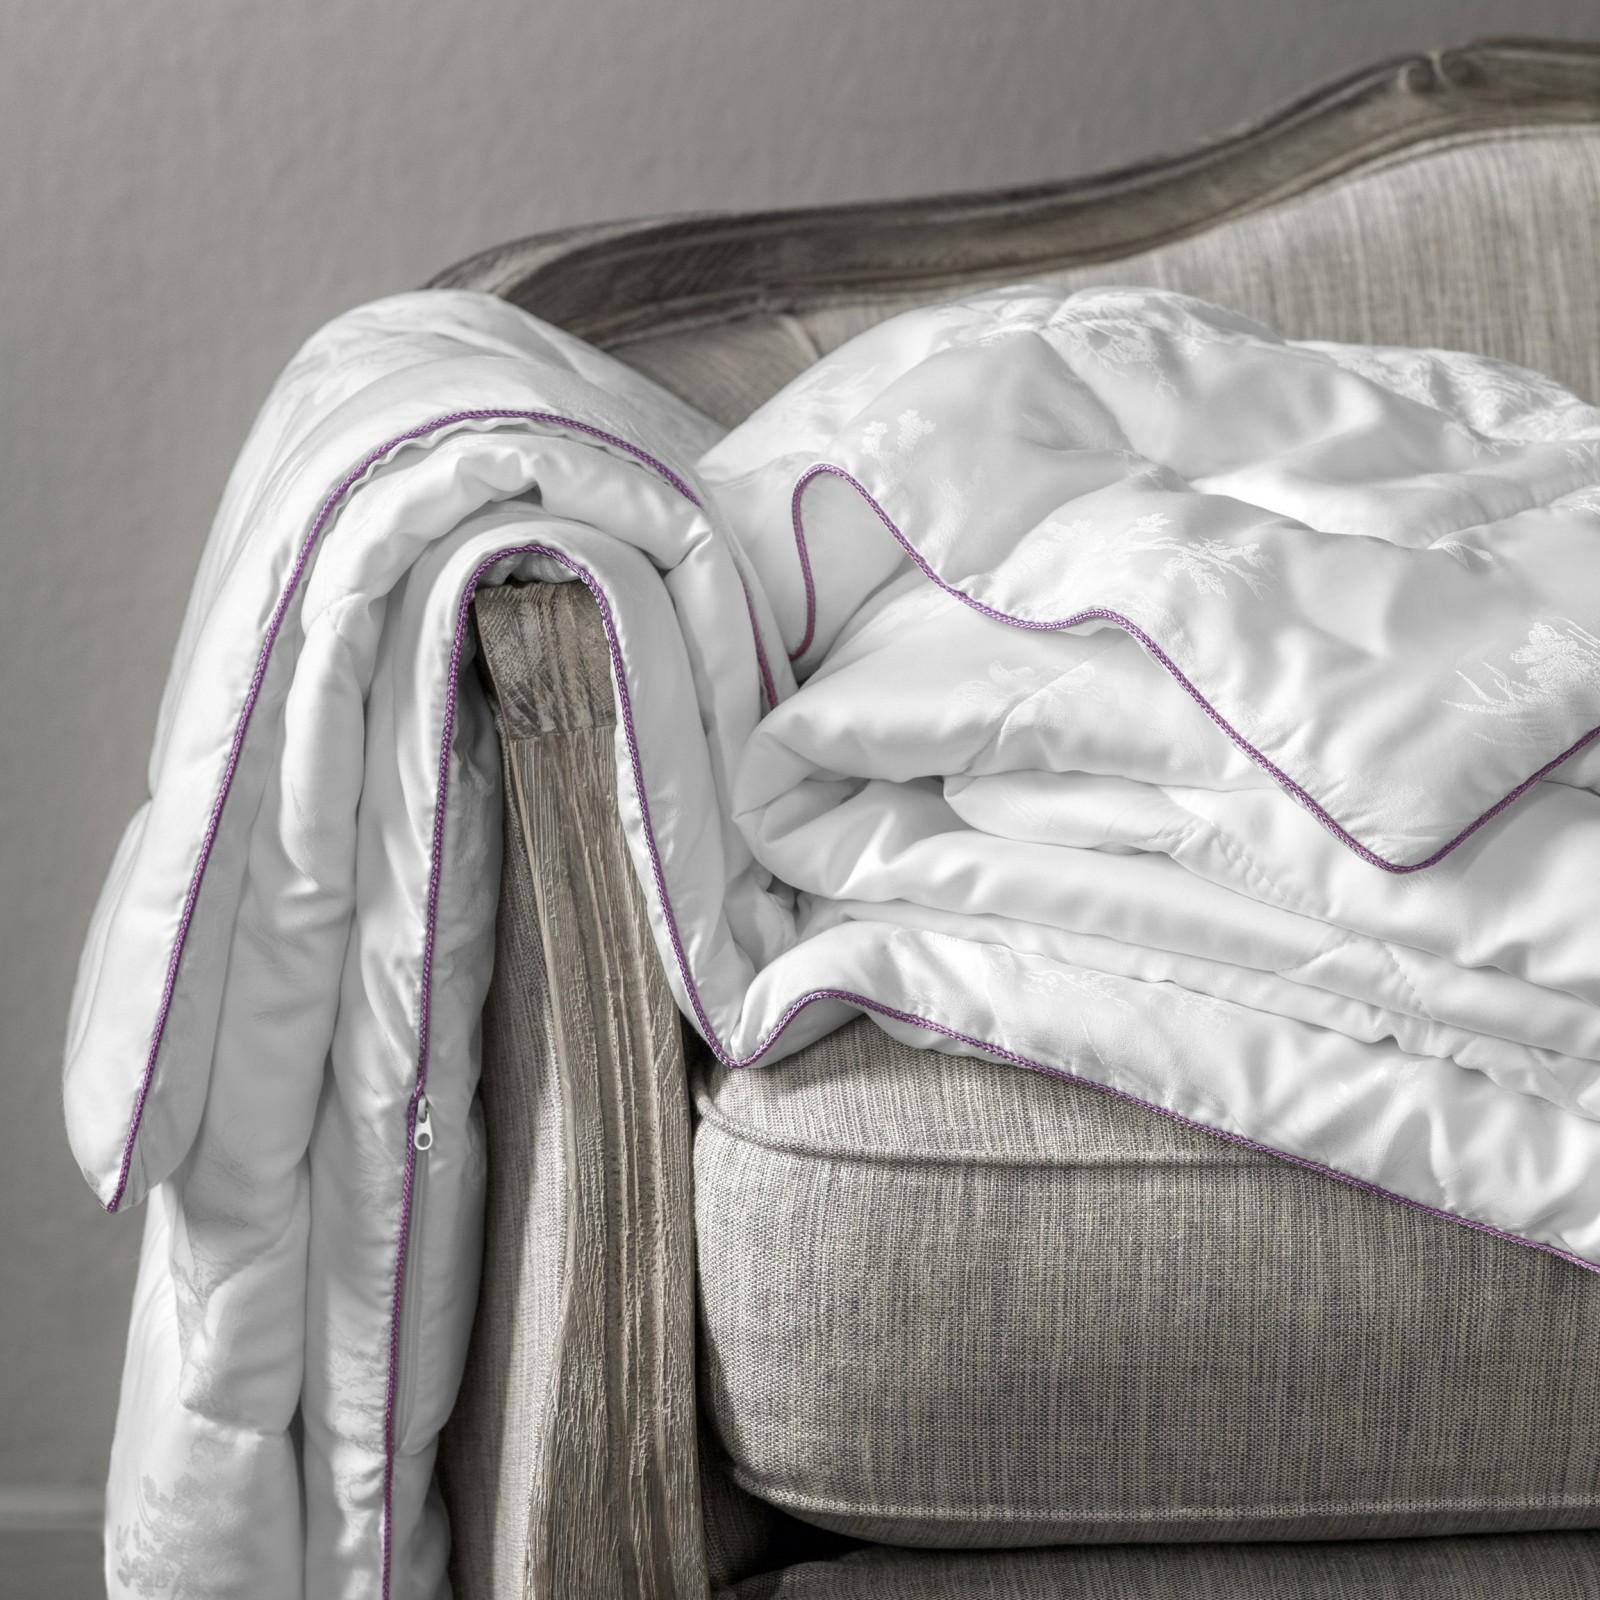 Купить Одеяла Togas, Одеяло Милк Дримс (200х210 см), Греция, Белый, Модаловый жаккард